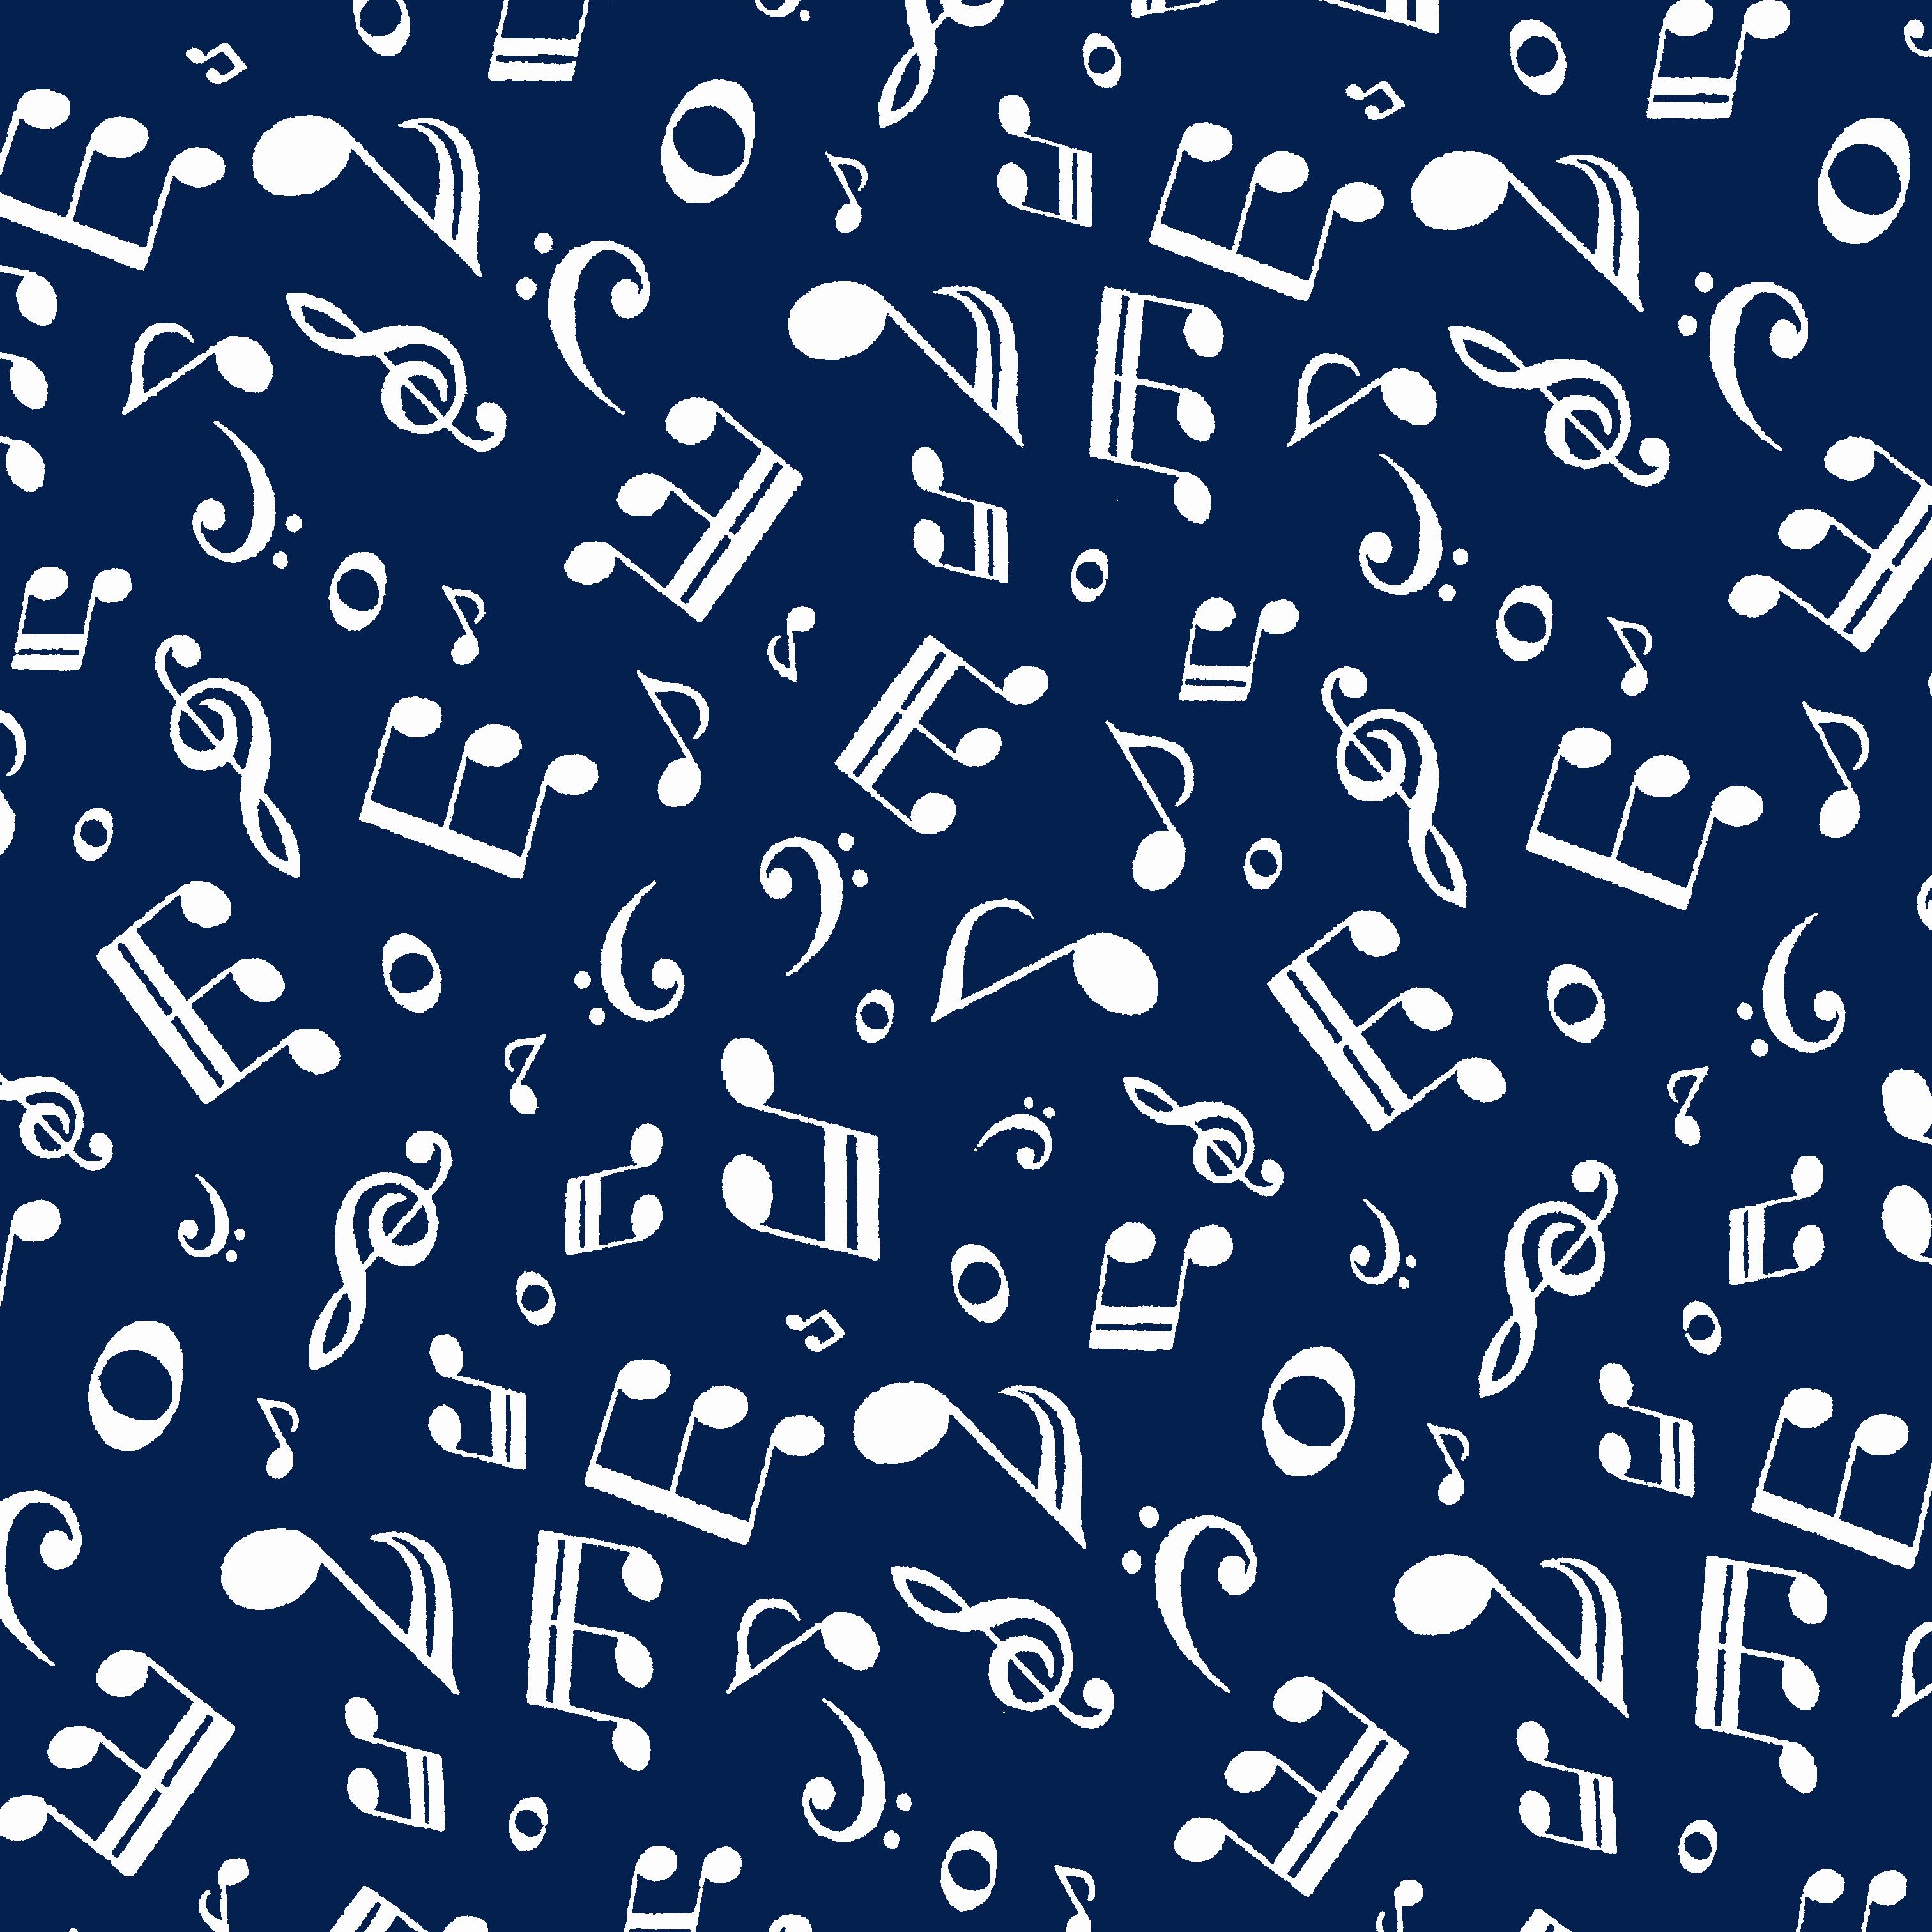 Tricoline Notas Musicais DX1596-3 Azul TRICOLINE ESTAMPADO